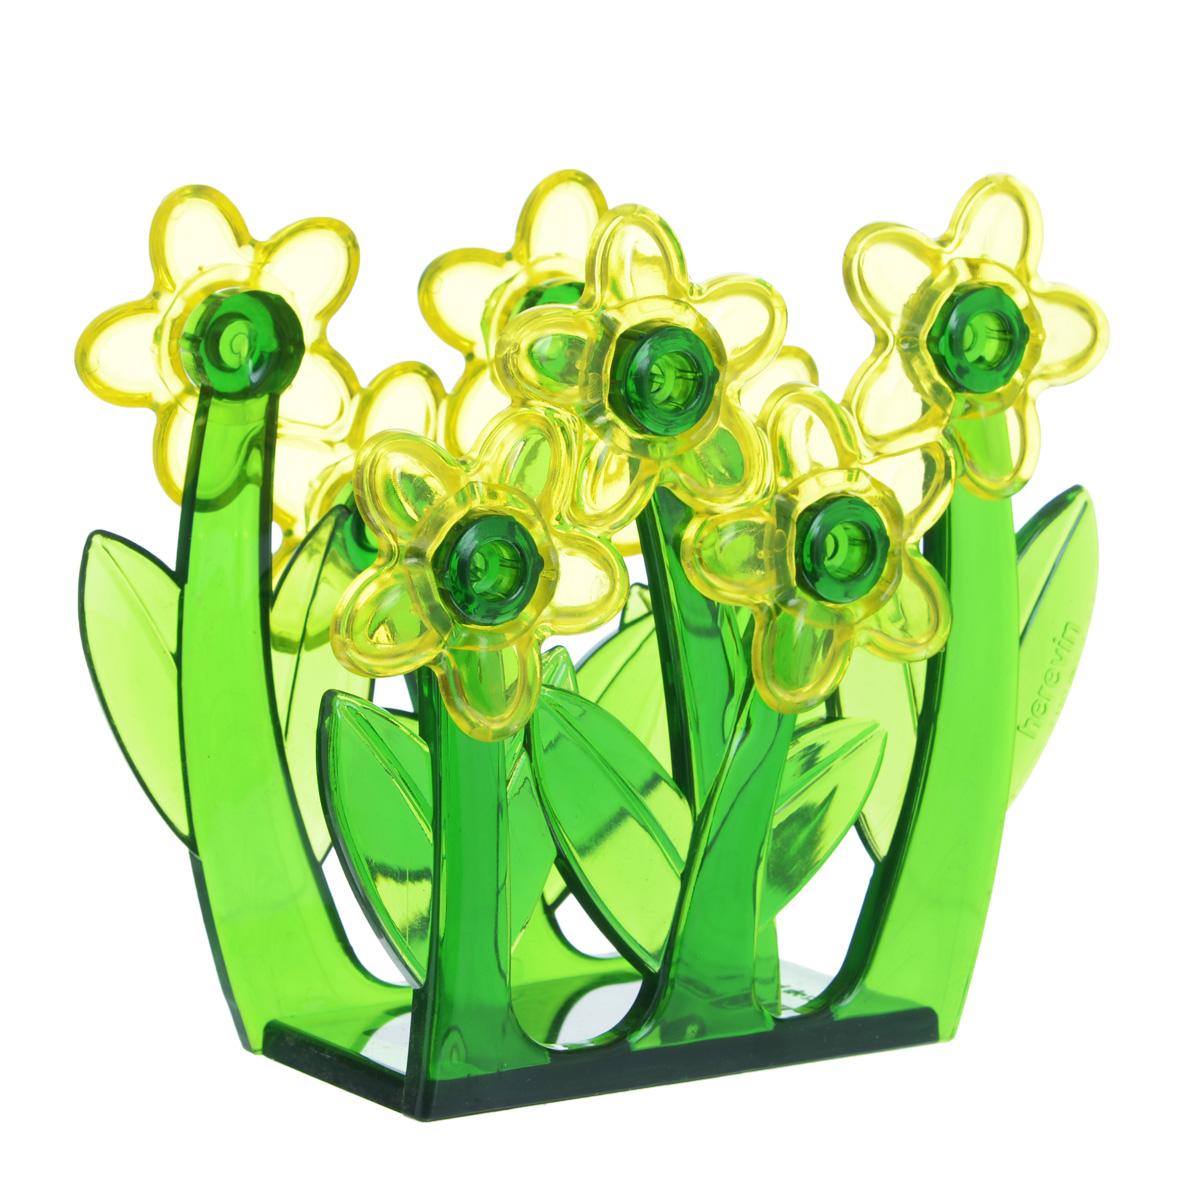 Салфетница Herevin, цвет: желтый161210-000Салфетница Herevin, изготовленная из высококачественного прочного пластика, оформлена декоративными цветами. Яркий и оригинальный дизайн несомненно придется вам по вкусу. Такая салфетница великолепно украсит праздничный стол.